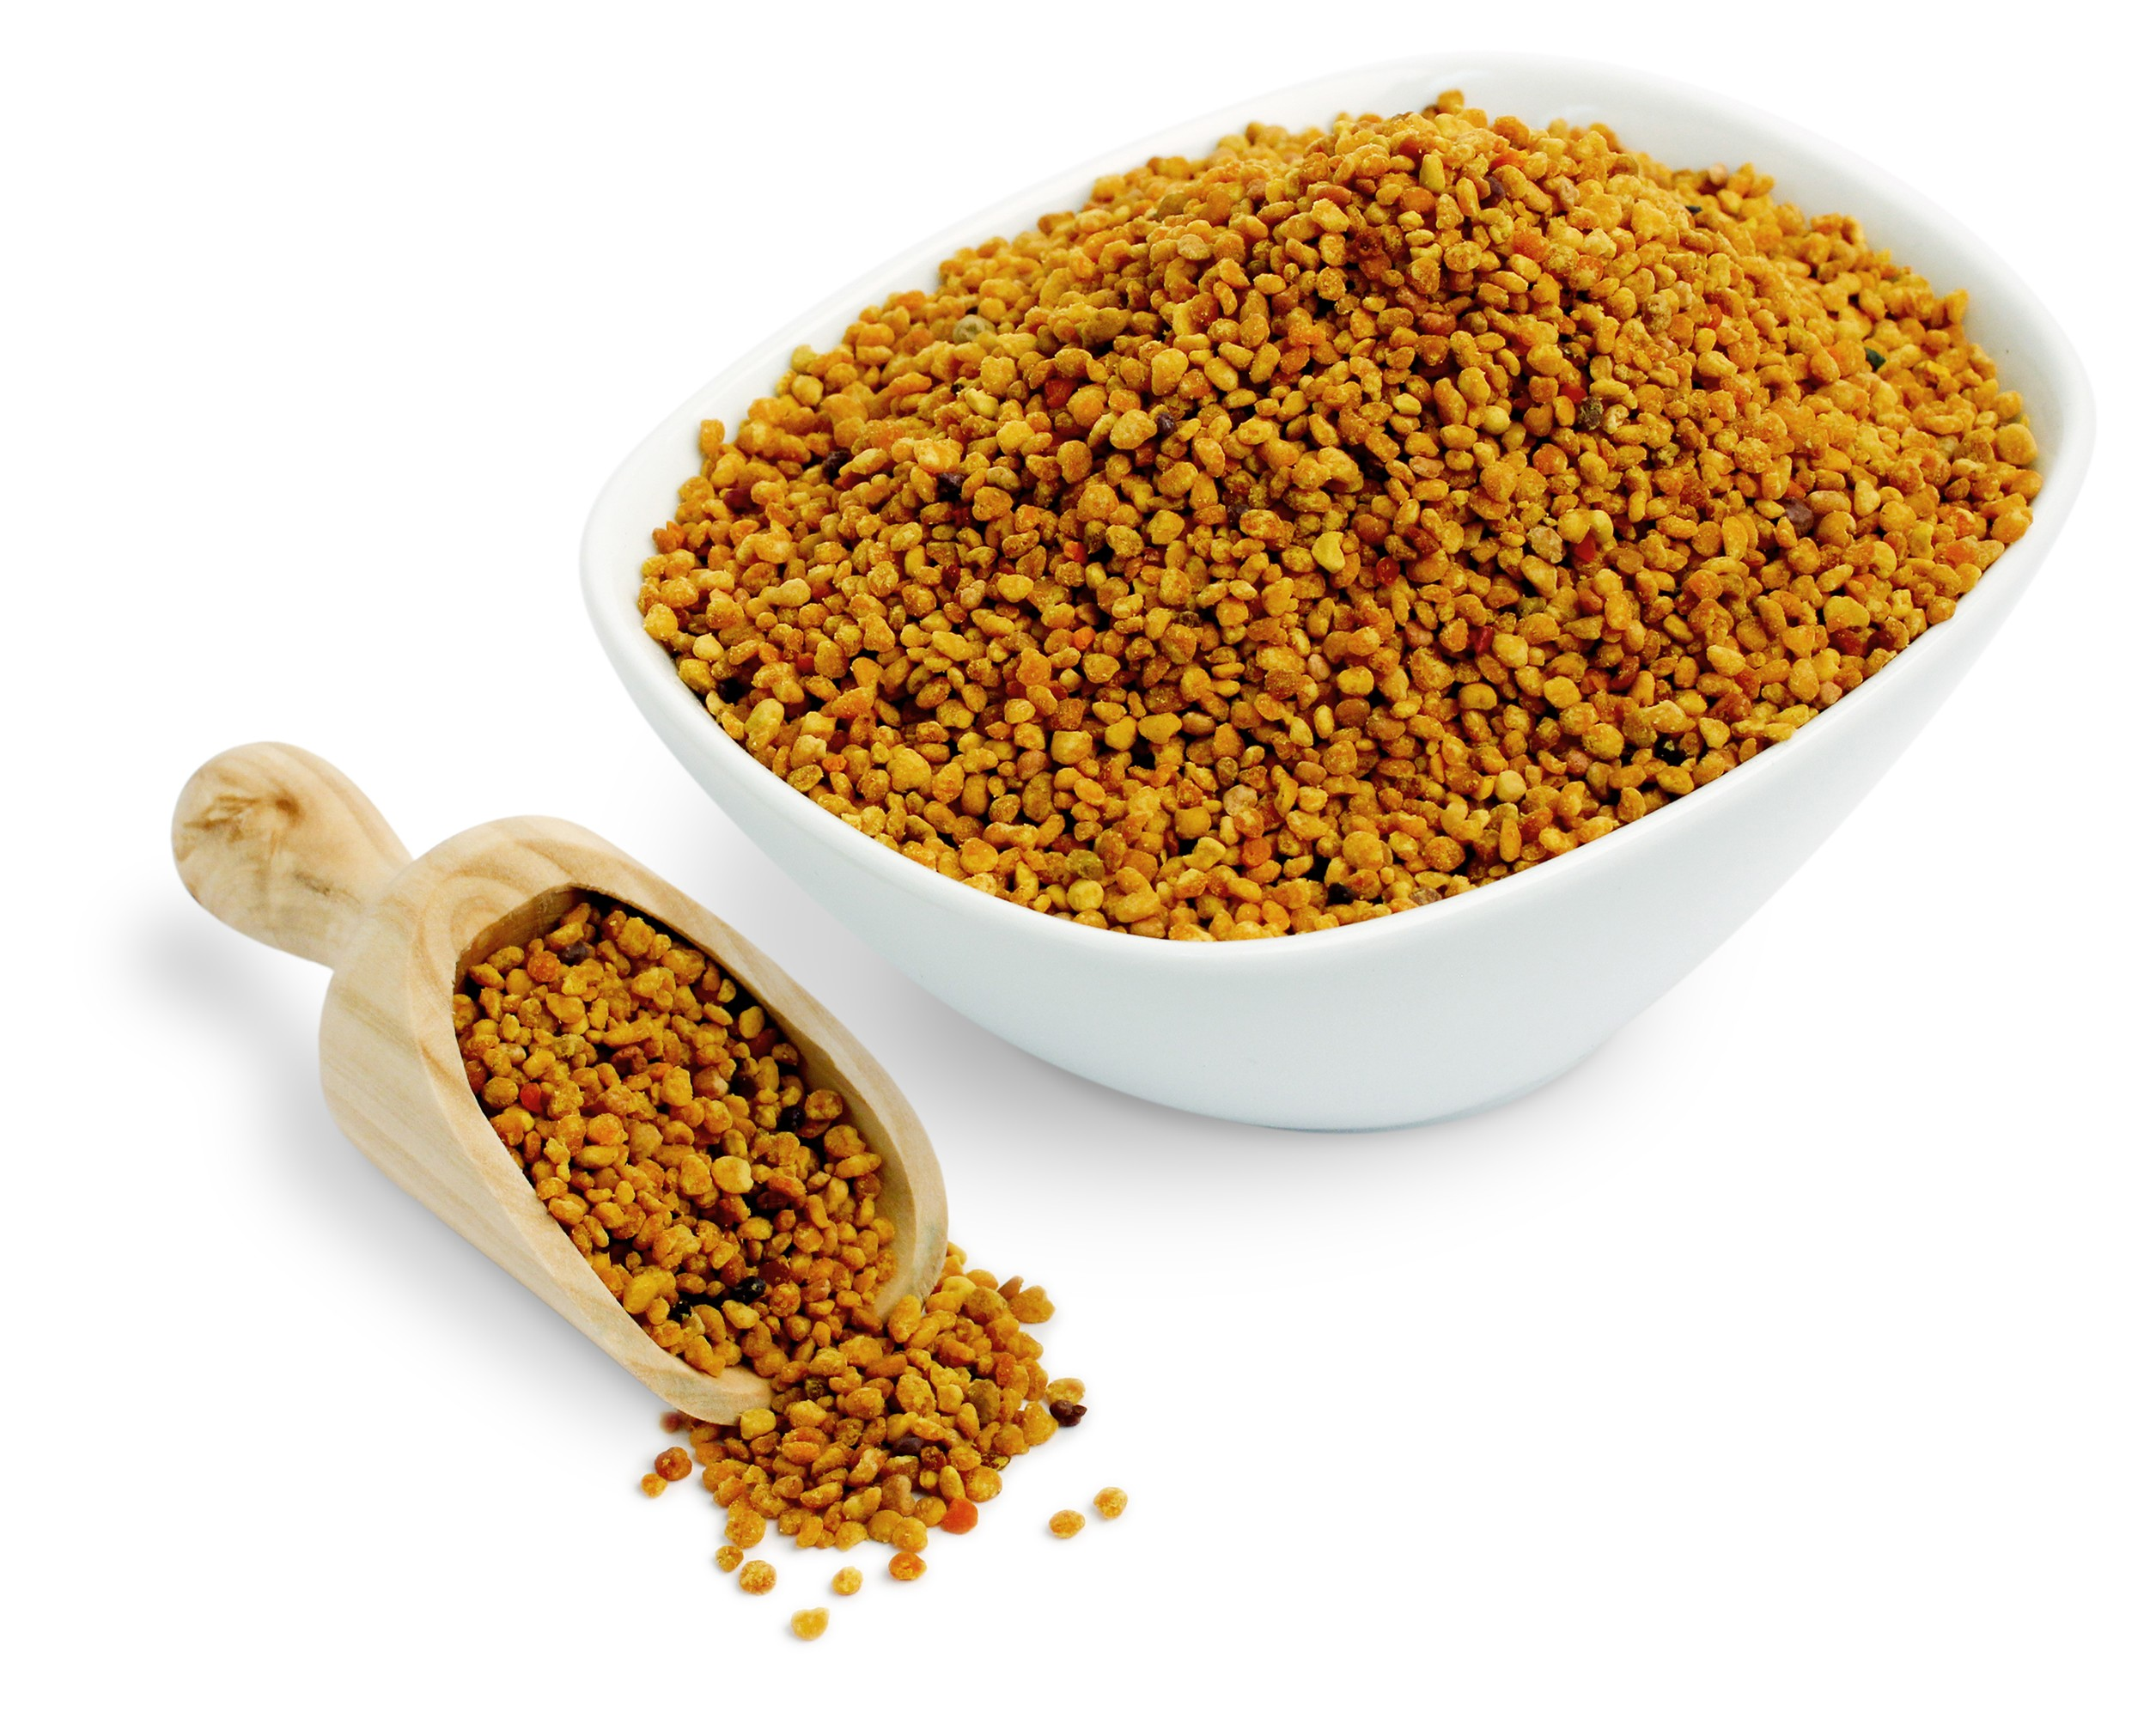 Phấn hoa thiên nhiên Tây Ban Nha Sunfood 15g